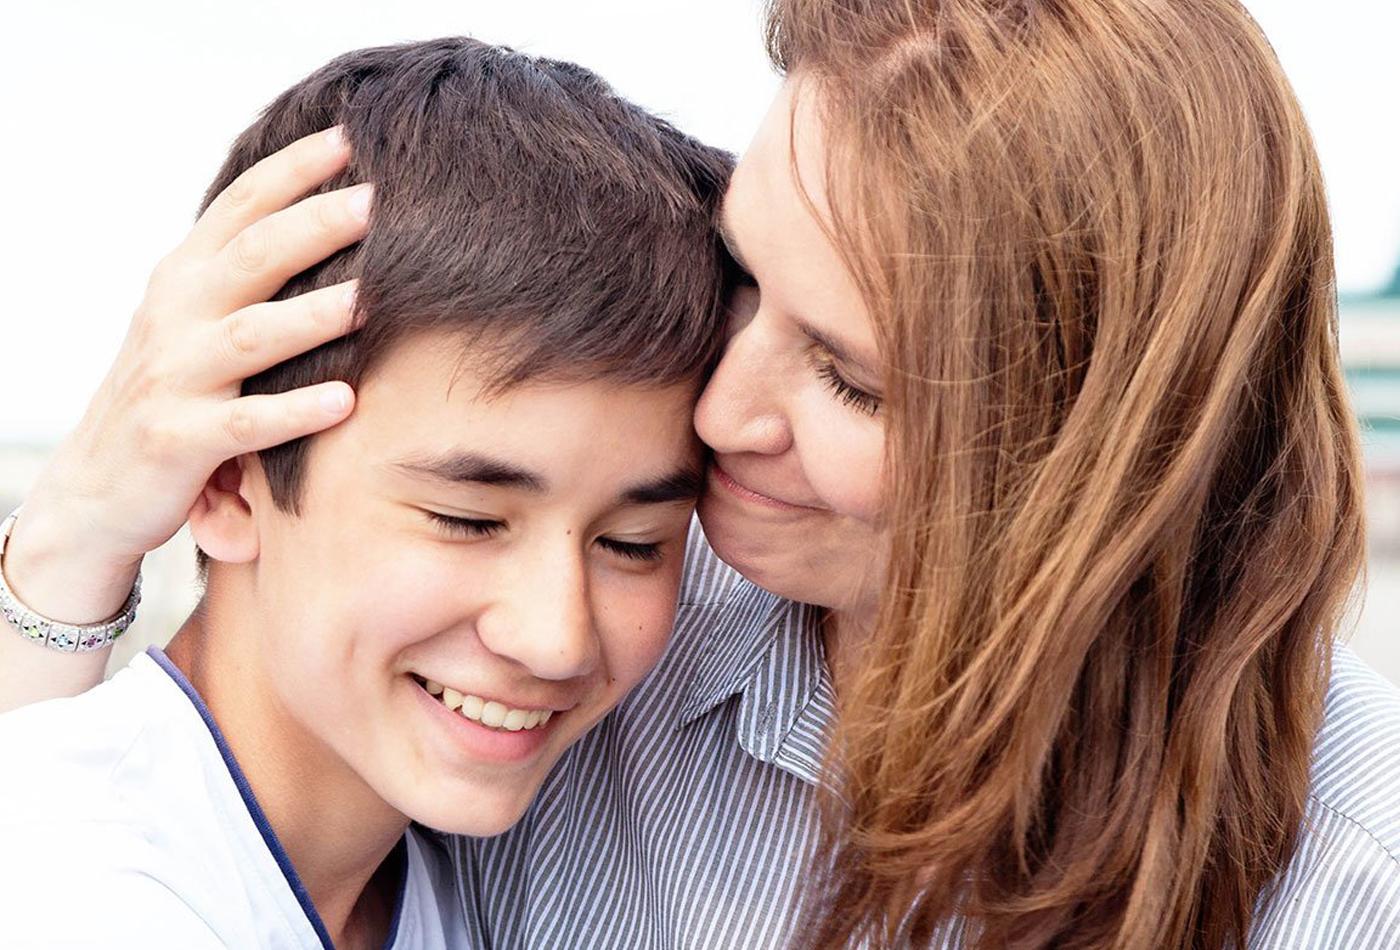 مراحل البلوغ لدى أطفال التوحُّد: كيف نفهمها؟